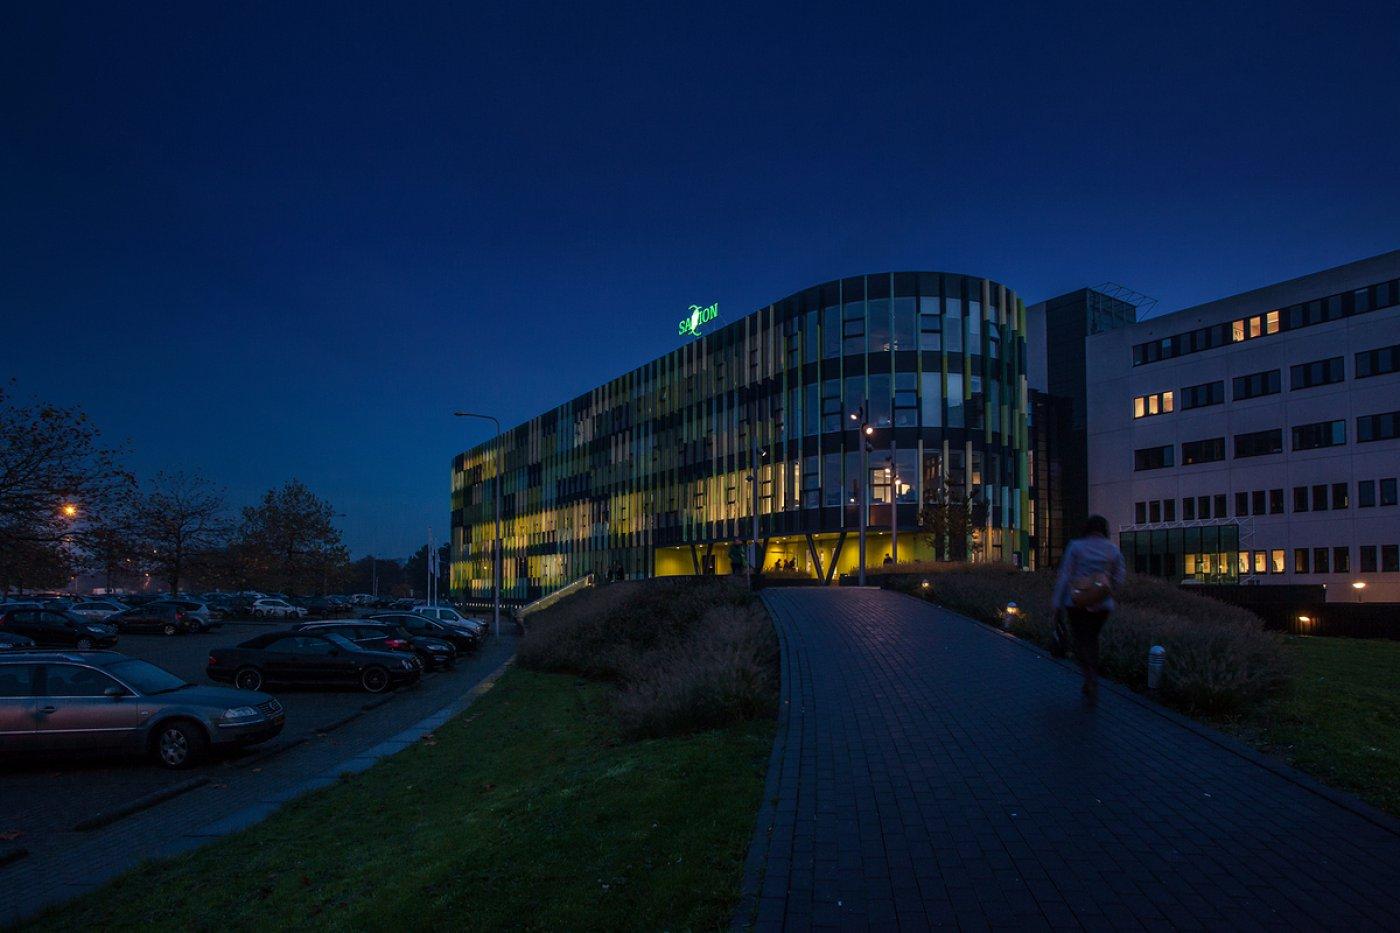 Đại học Khoa học Ứng dụng Saxion